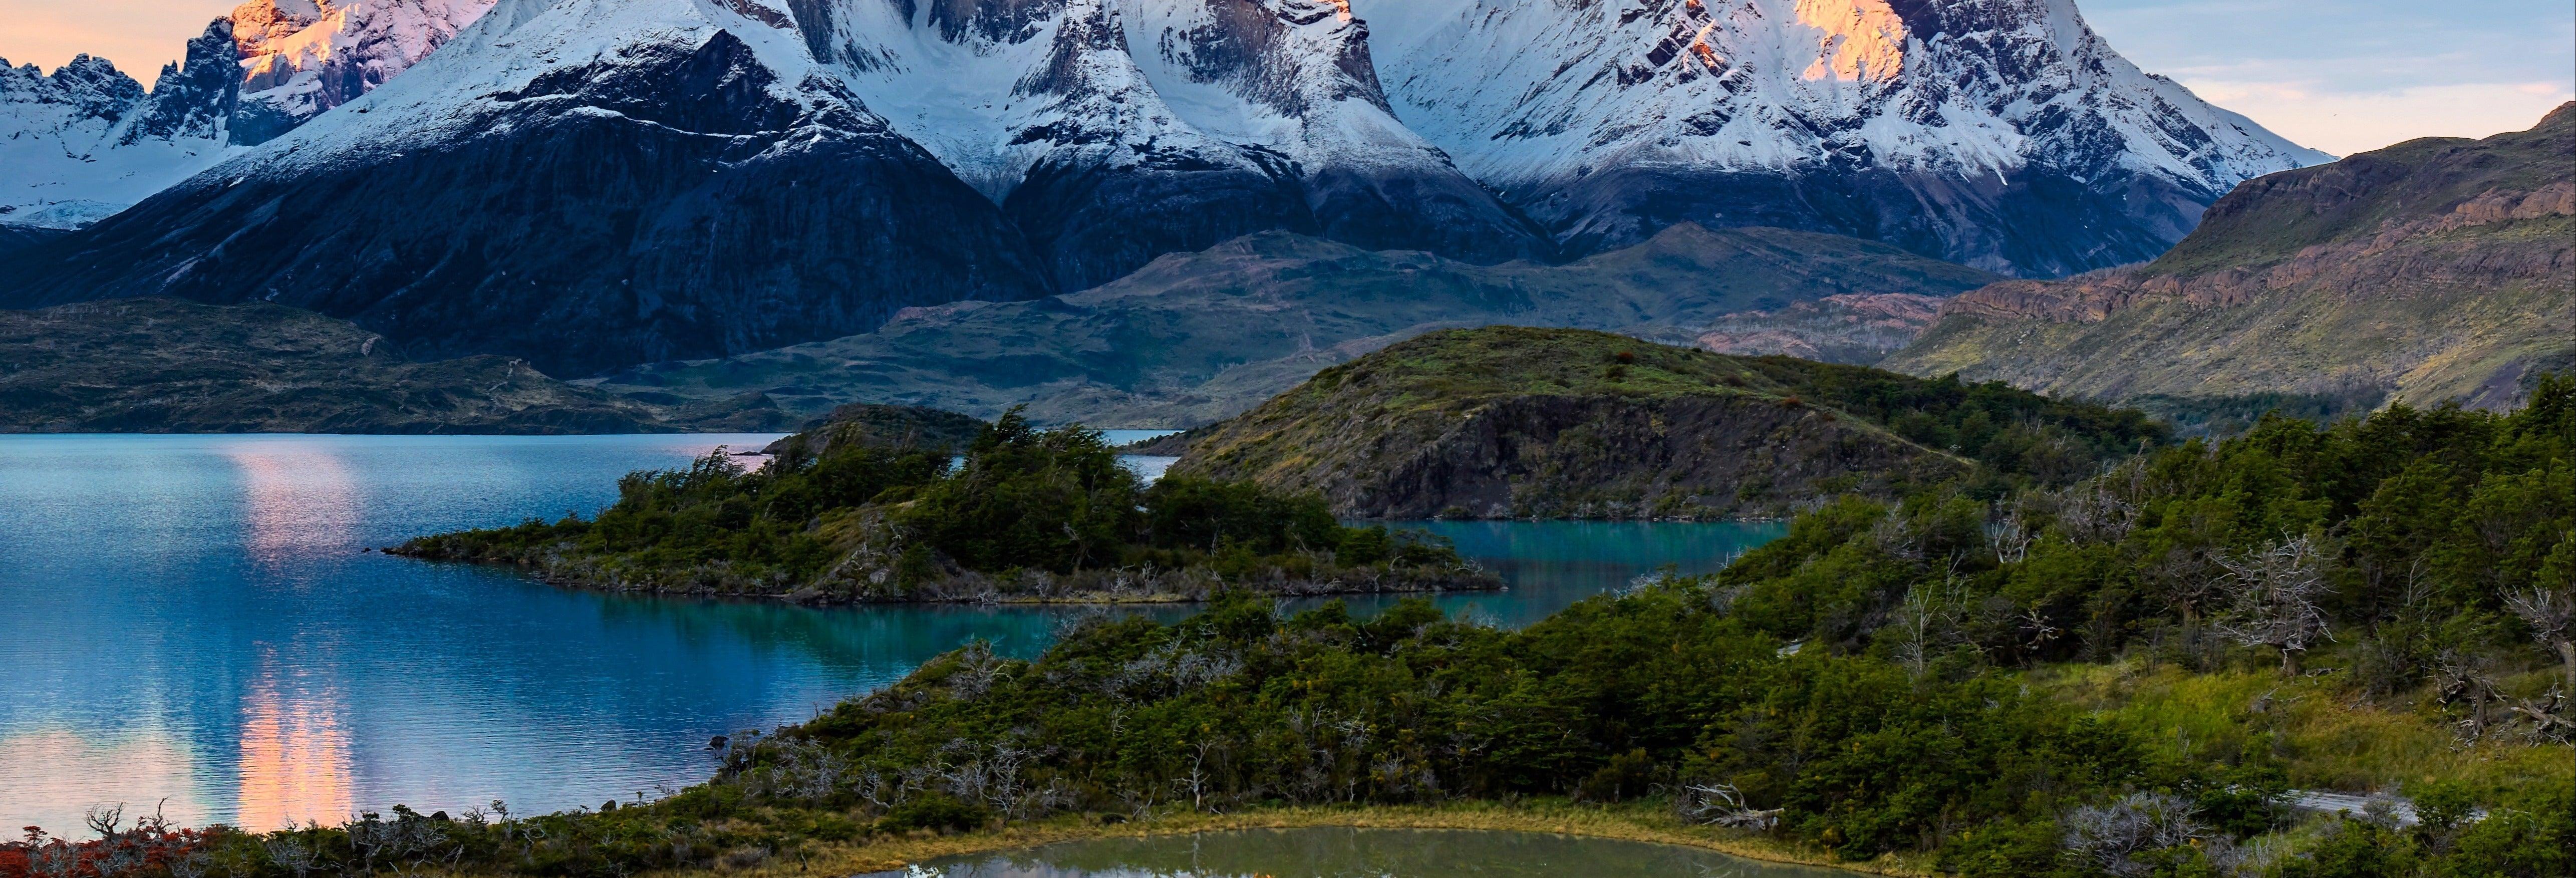 Excursión al Parque Nacional Torres del Paine